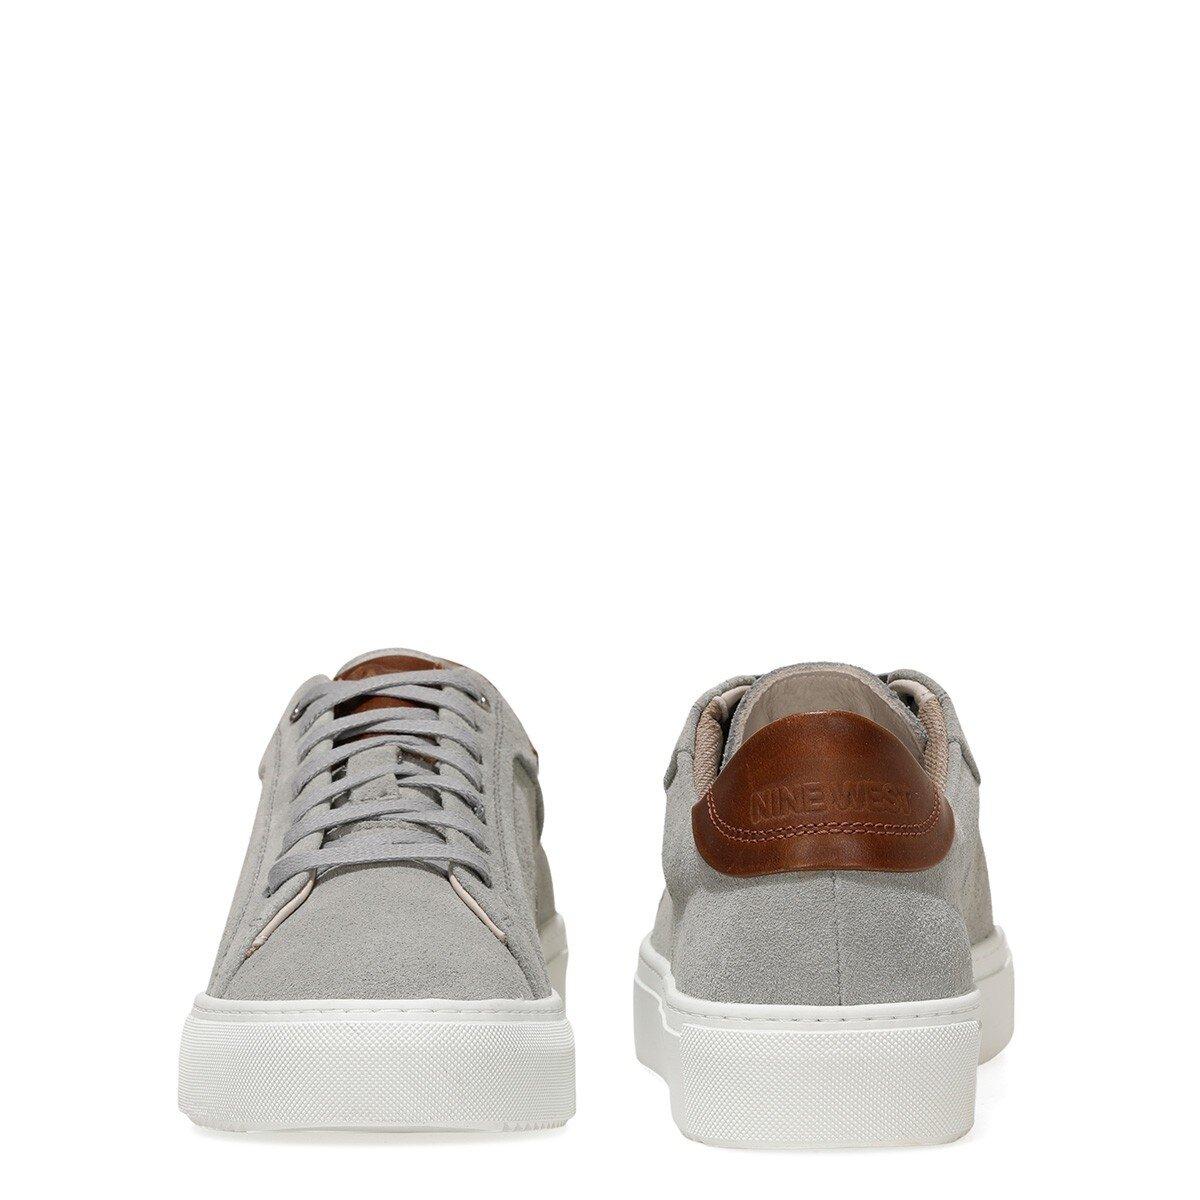 POLLE 1FX Gri Erkek Kalın Tabanlı Sneaker